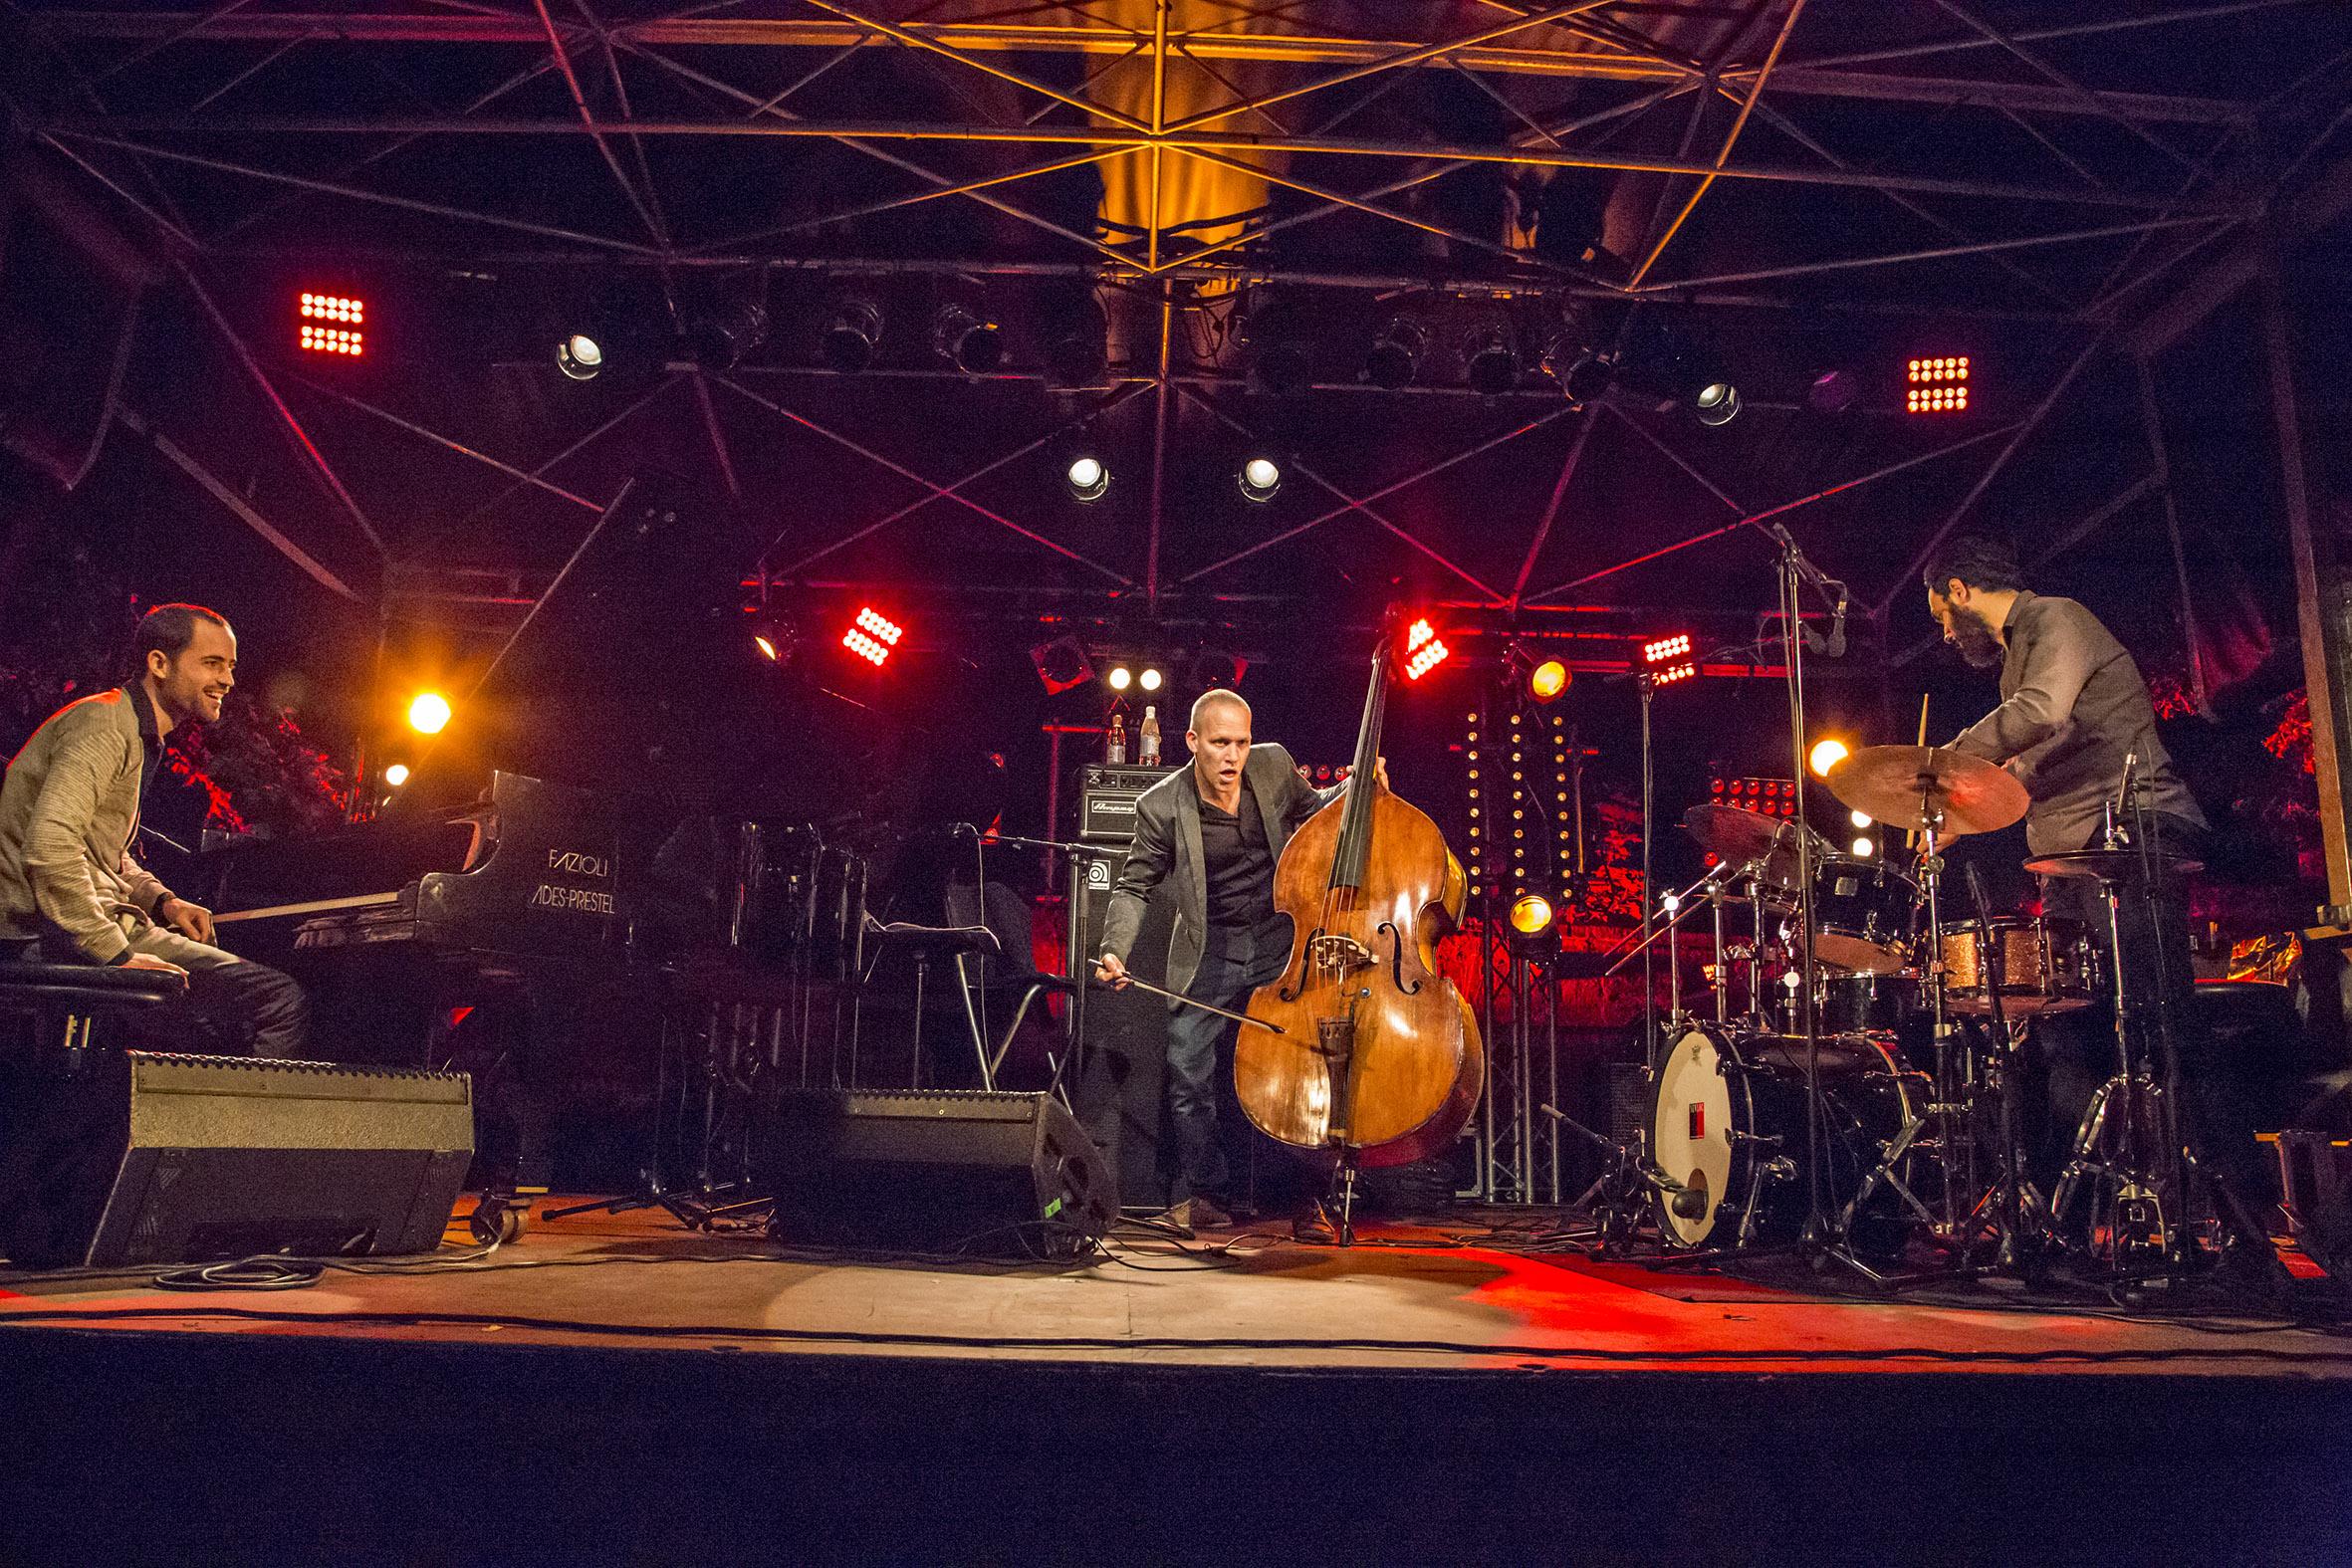 portraits-avishai-cohen-trio-festival-au gr+¿s-du jazz-la-petite-pierre-2014-marie-colette-becker-23